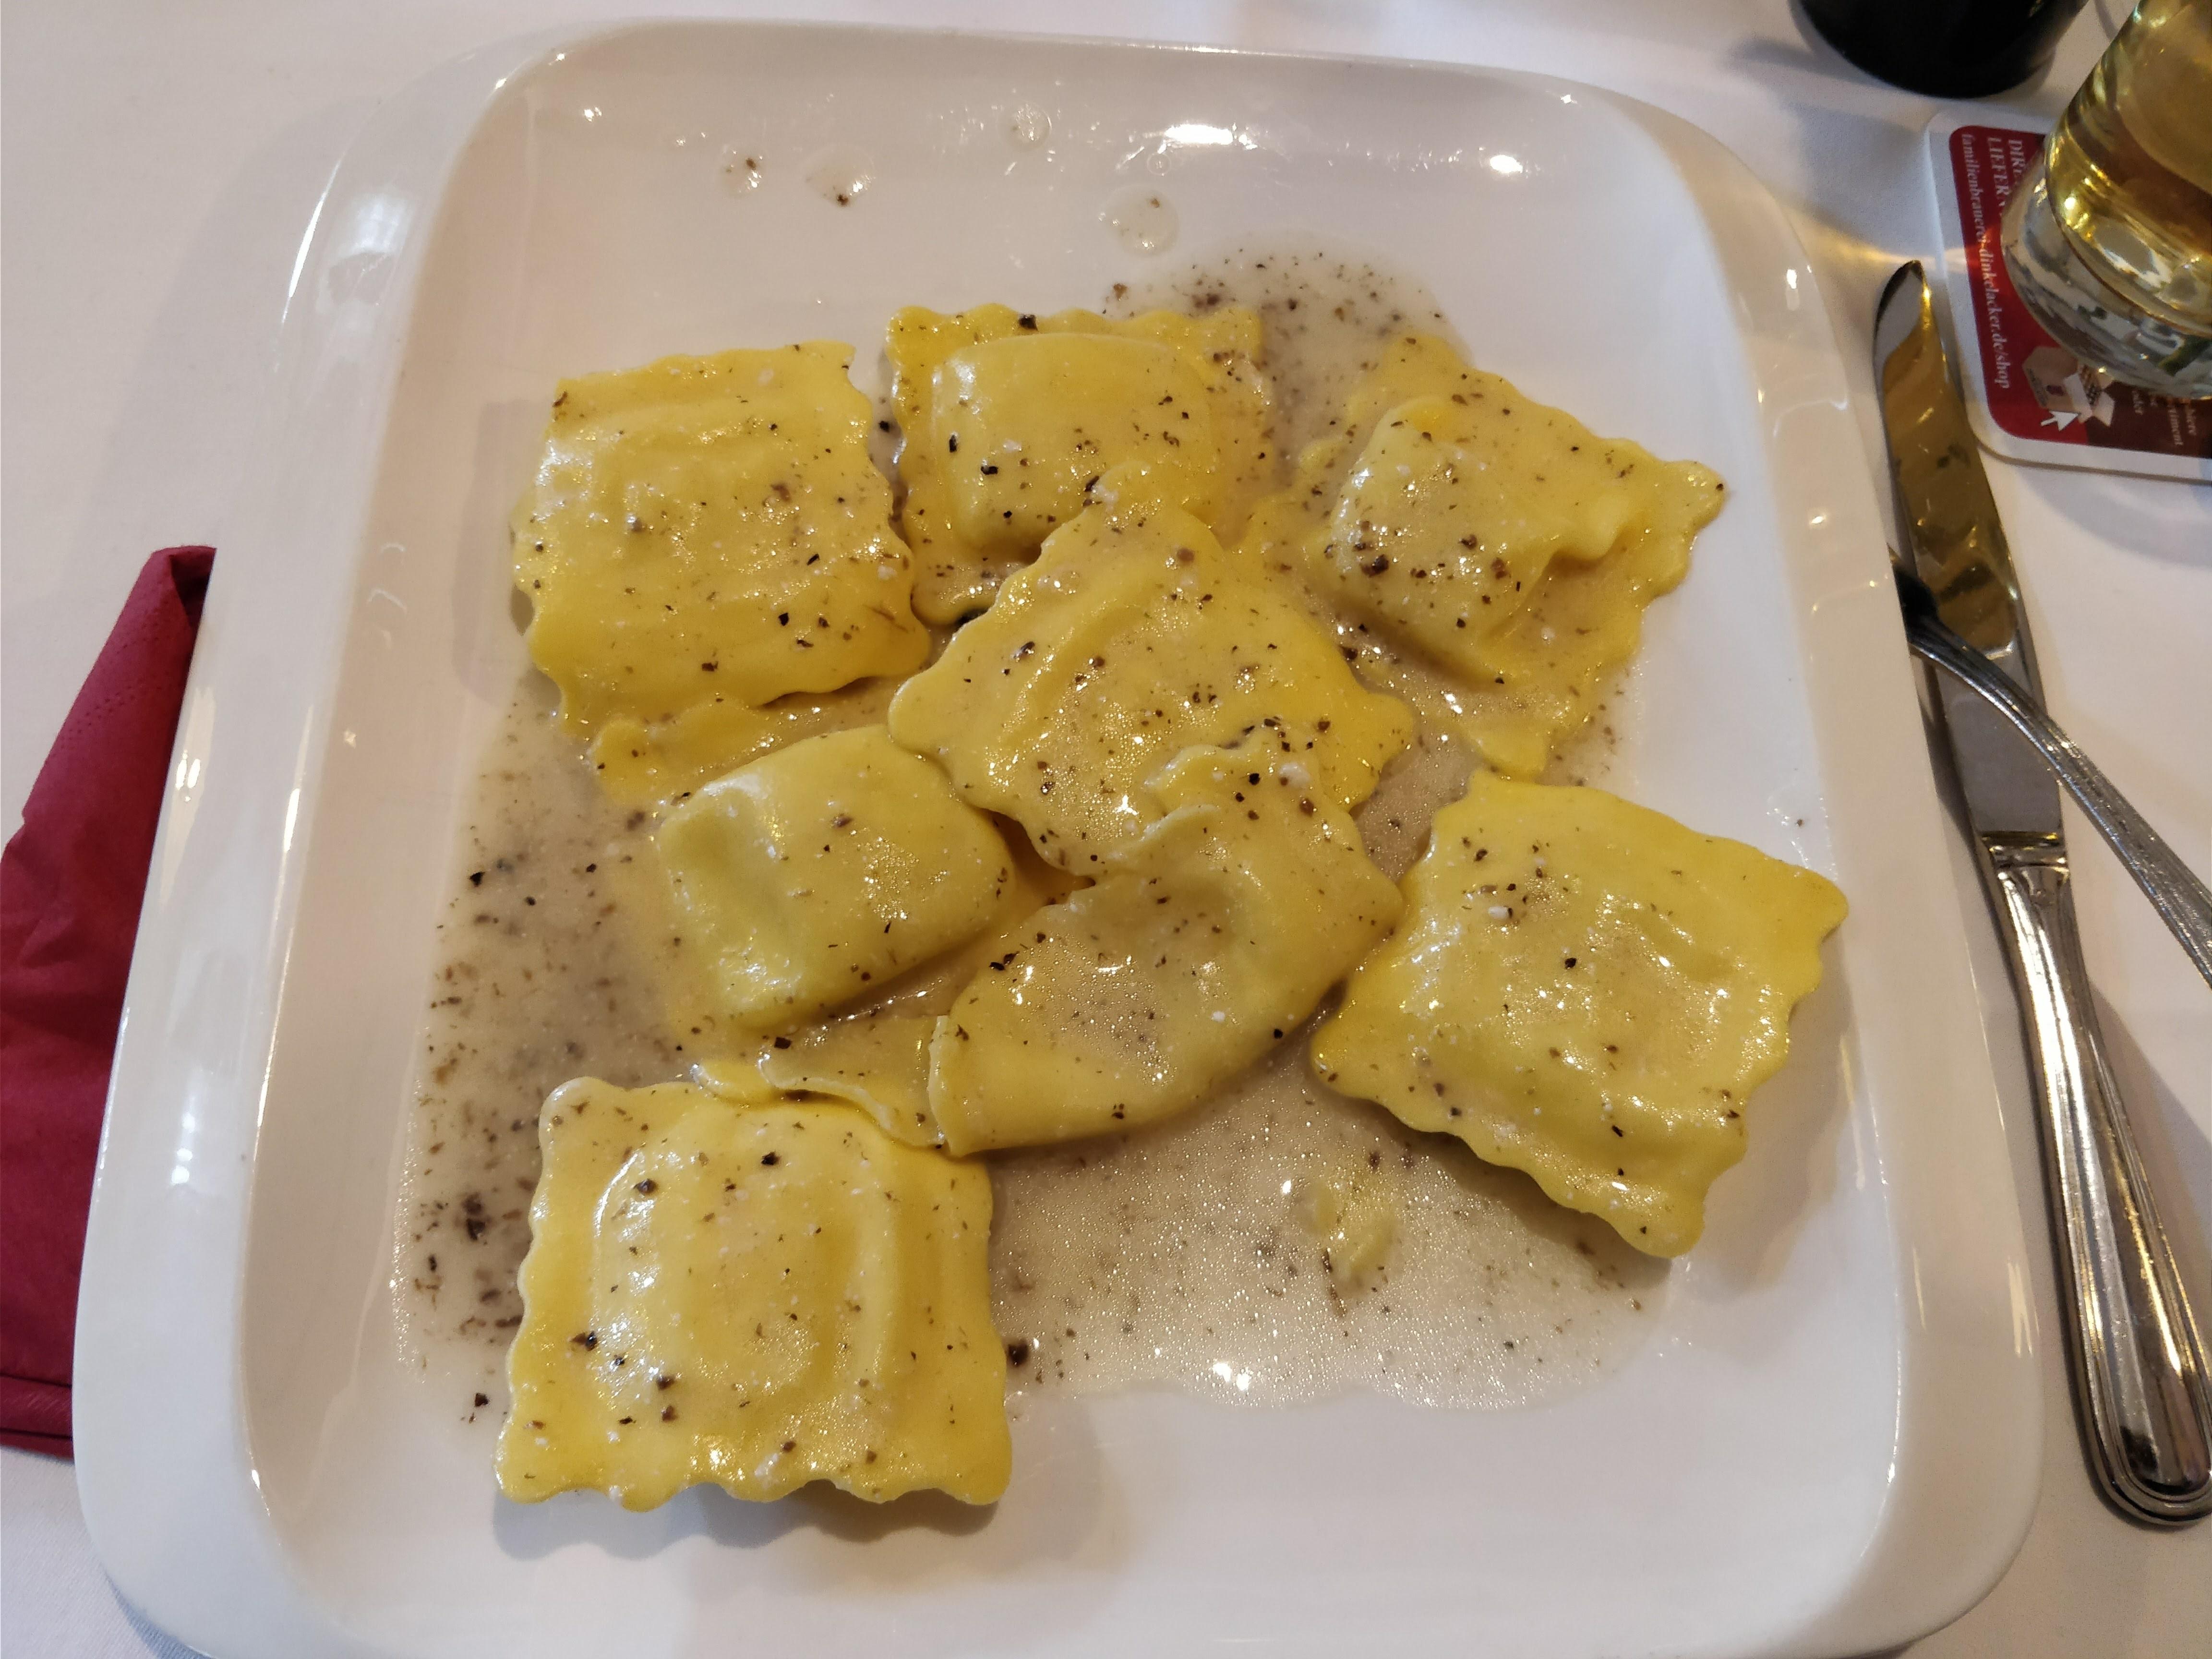 http://foodloader.net/nico_2018-01-29_trueffel-tortellini-in-sahne-sauce.jpg